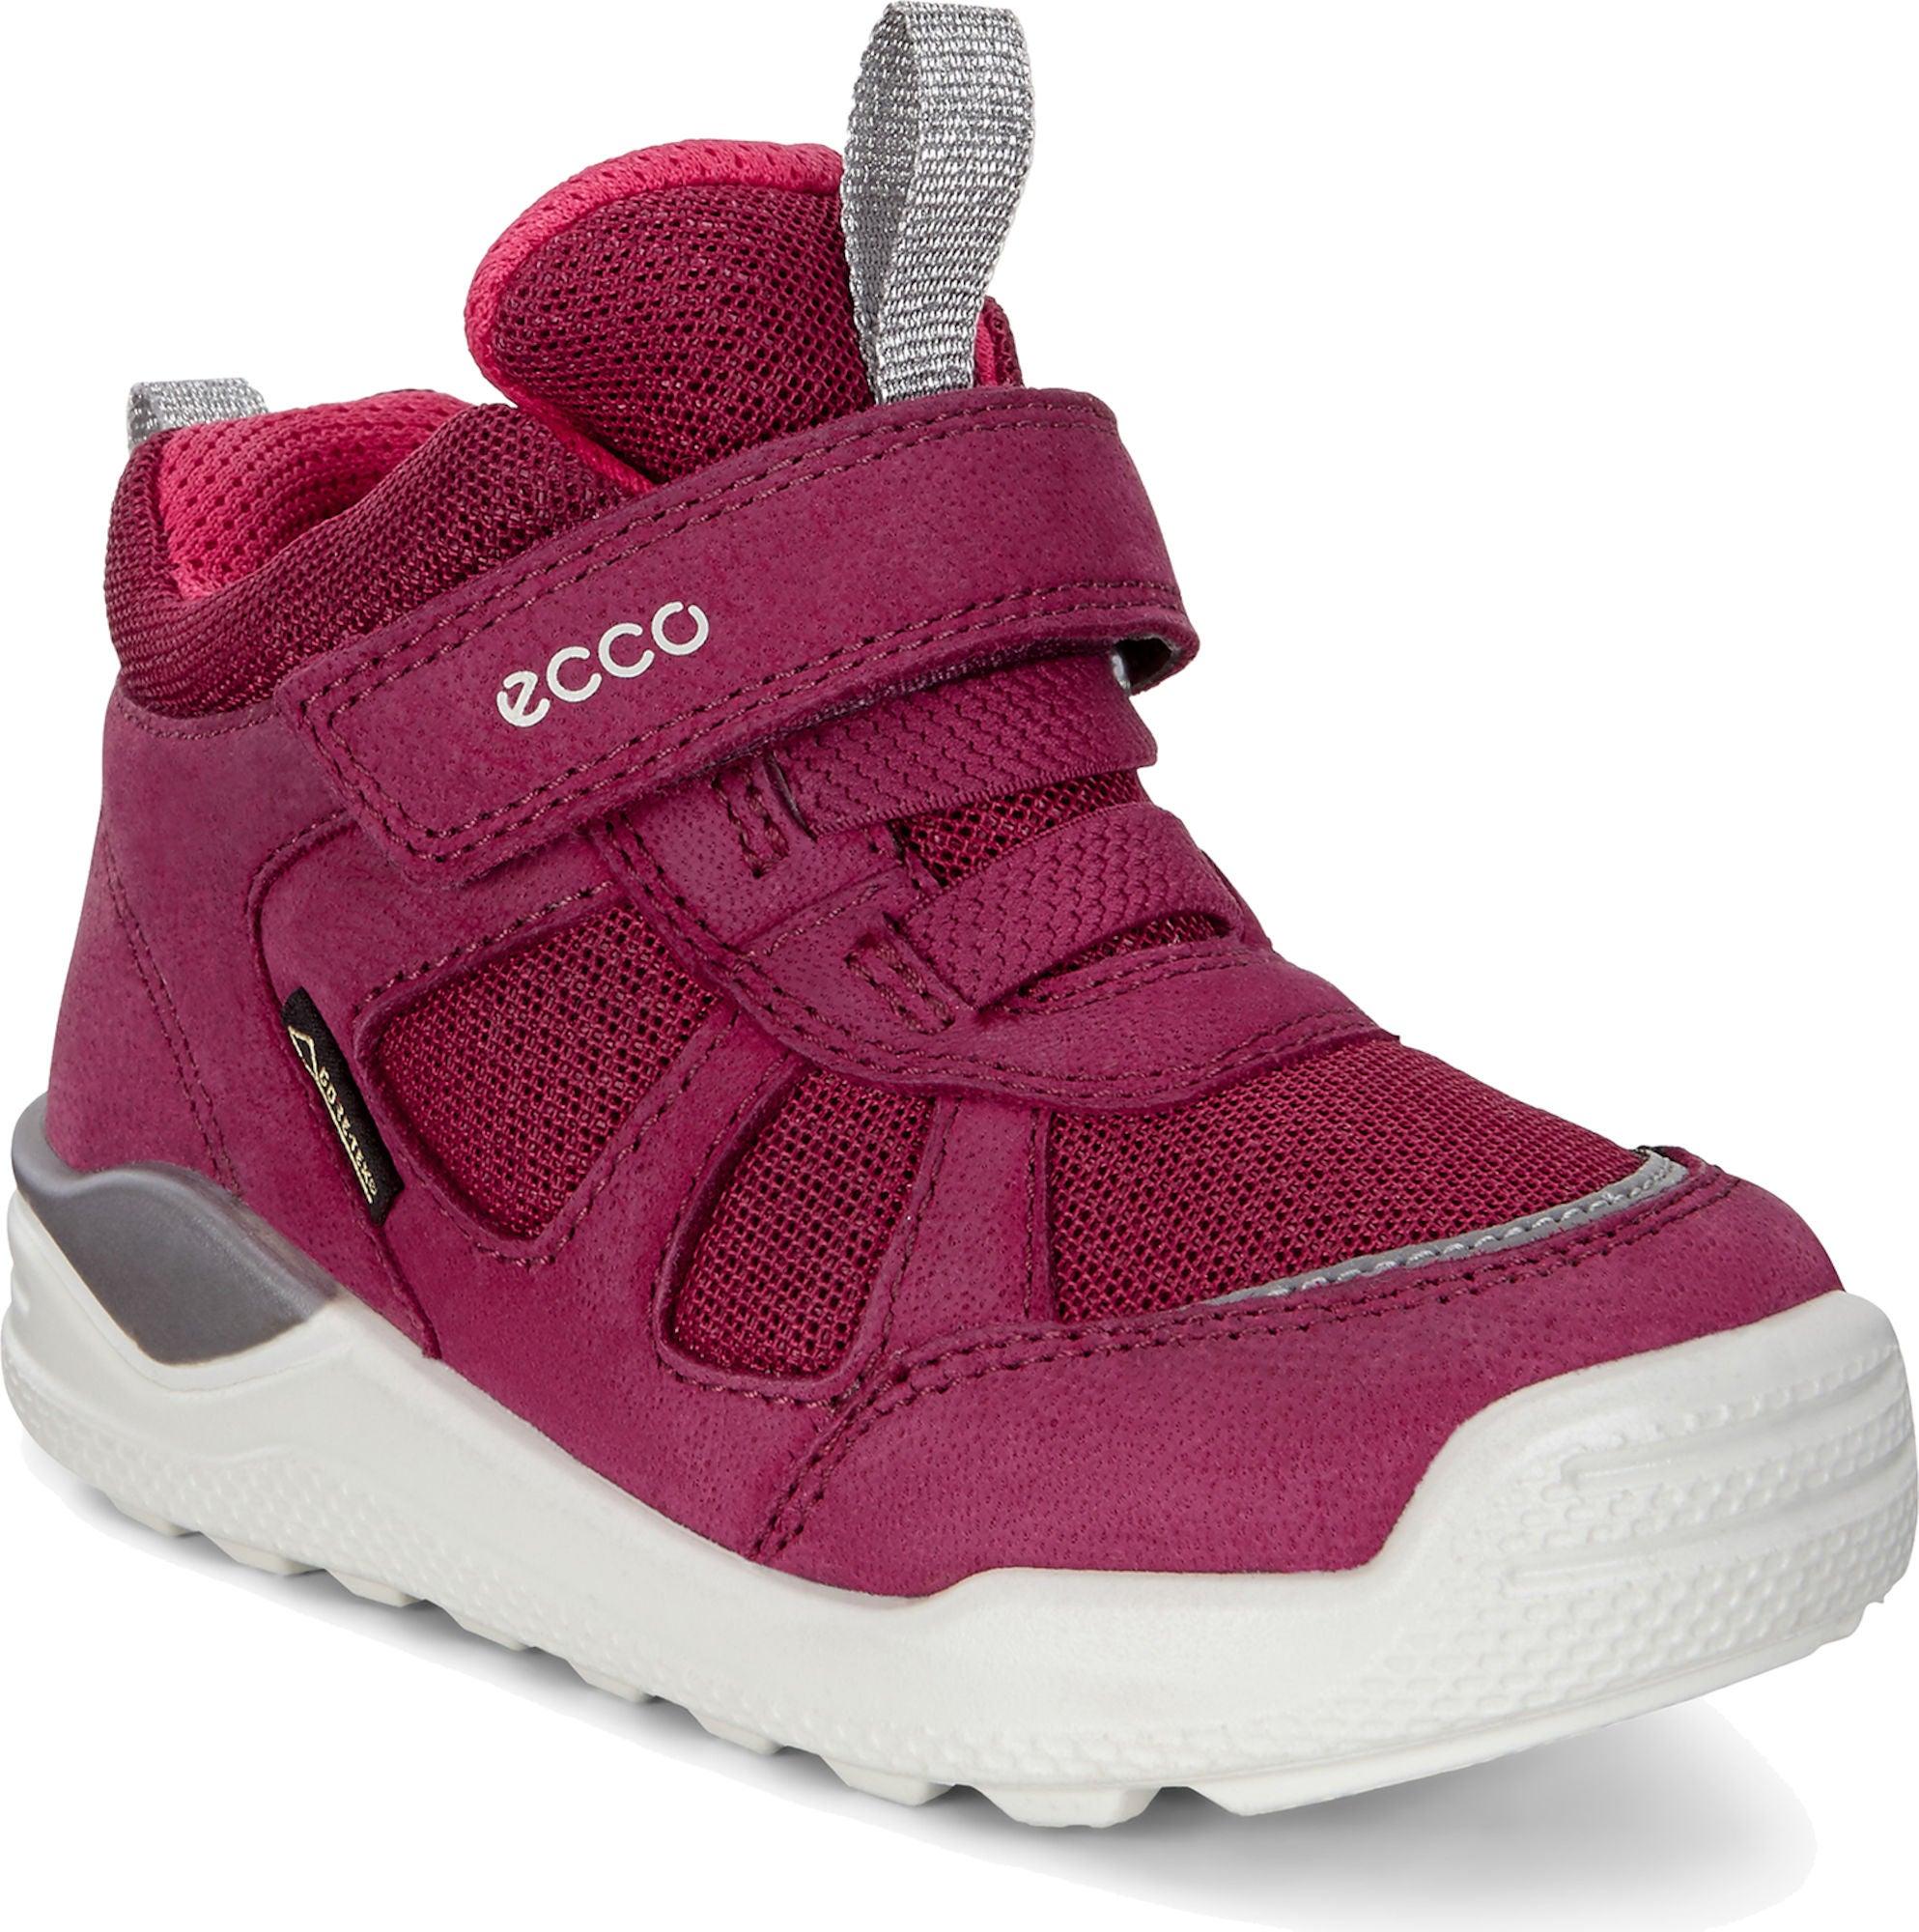 ecco brune sko, ECCO Sko Støvler urban snowboarder BLACK